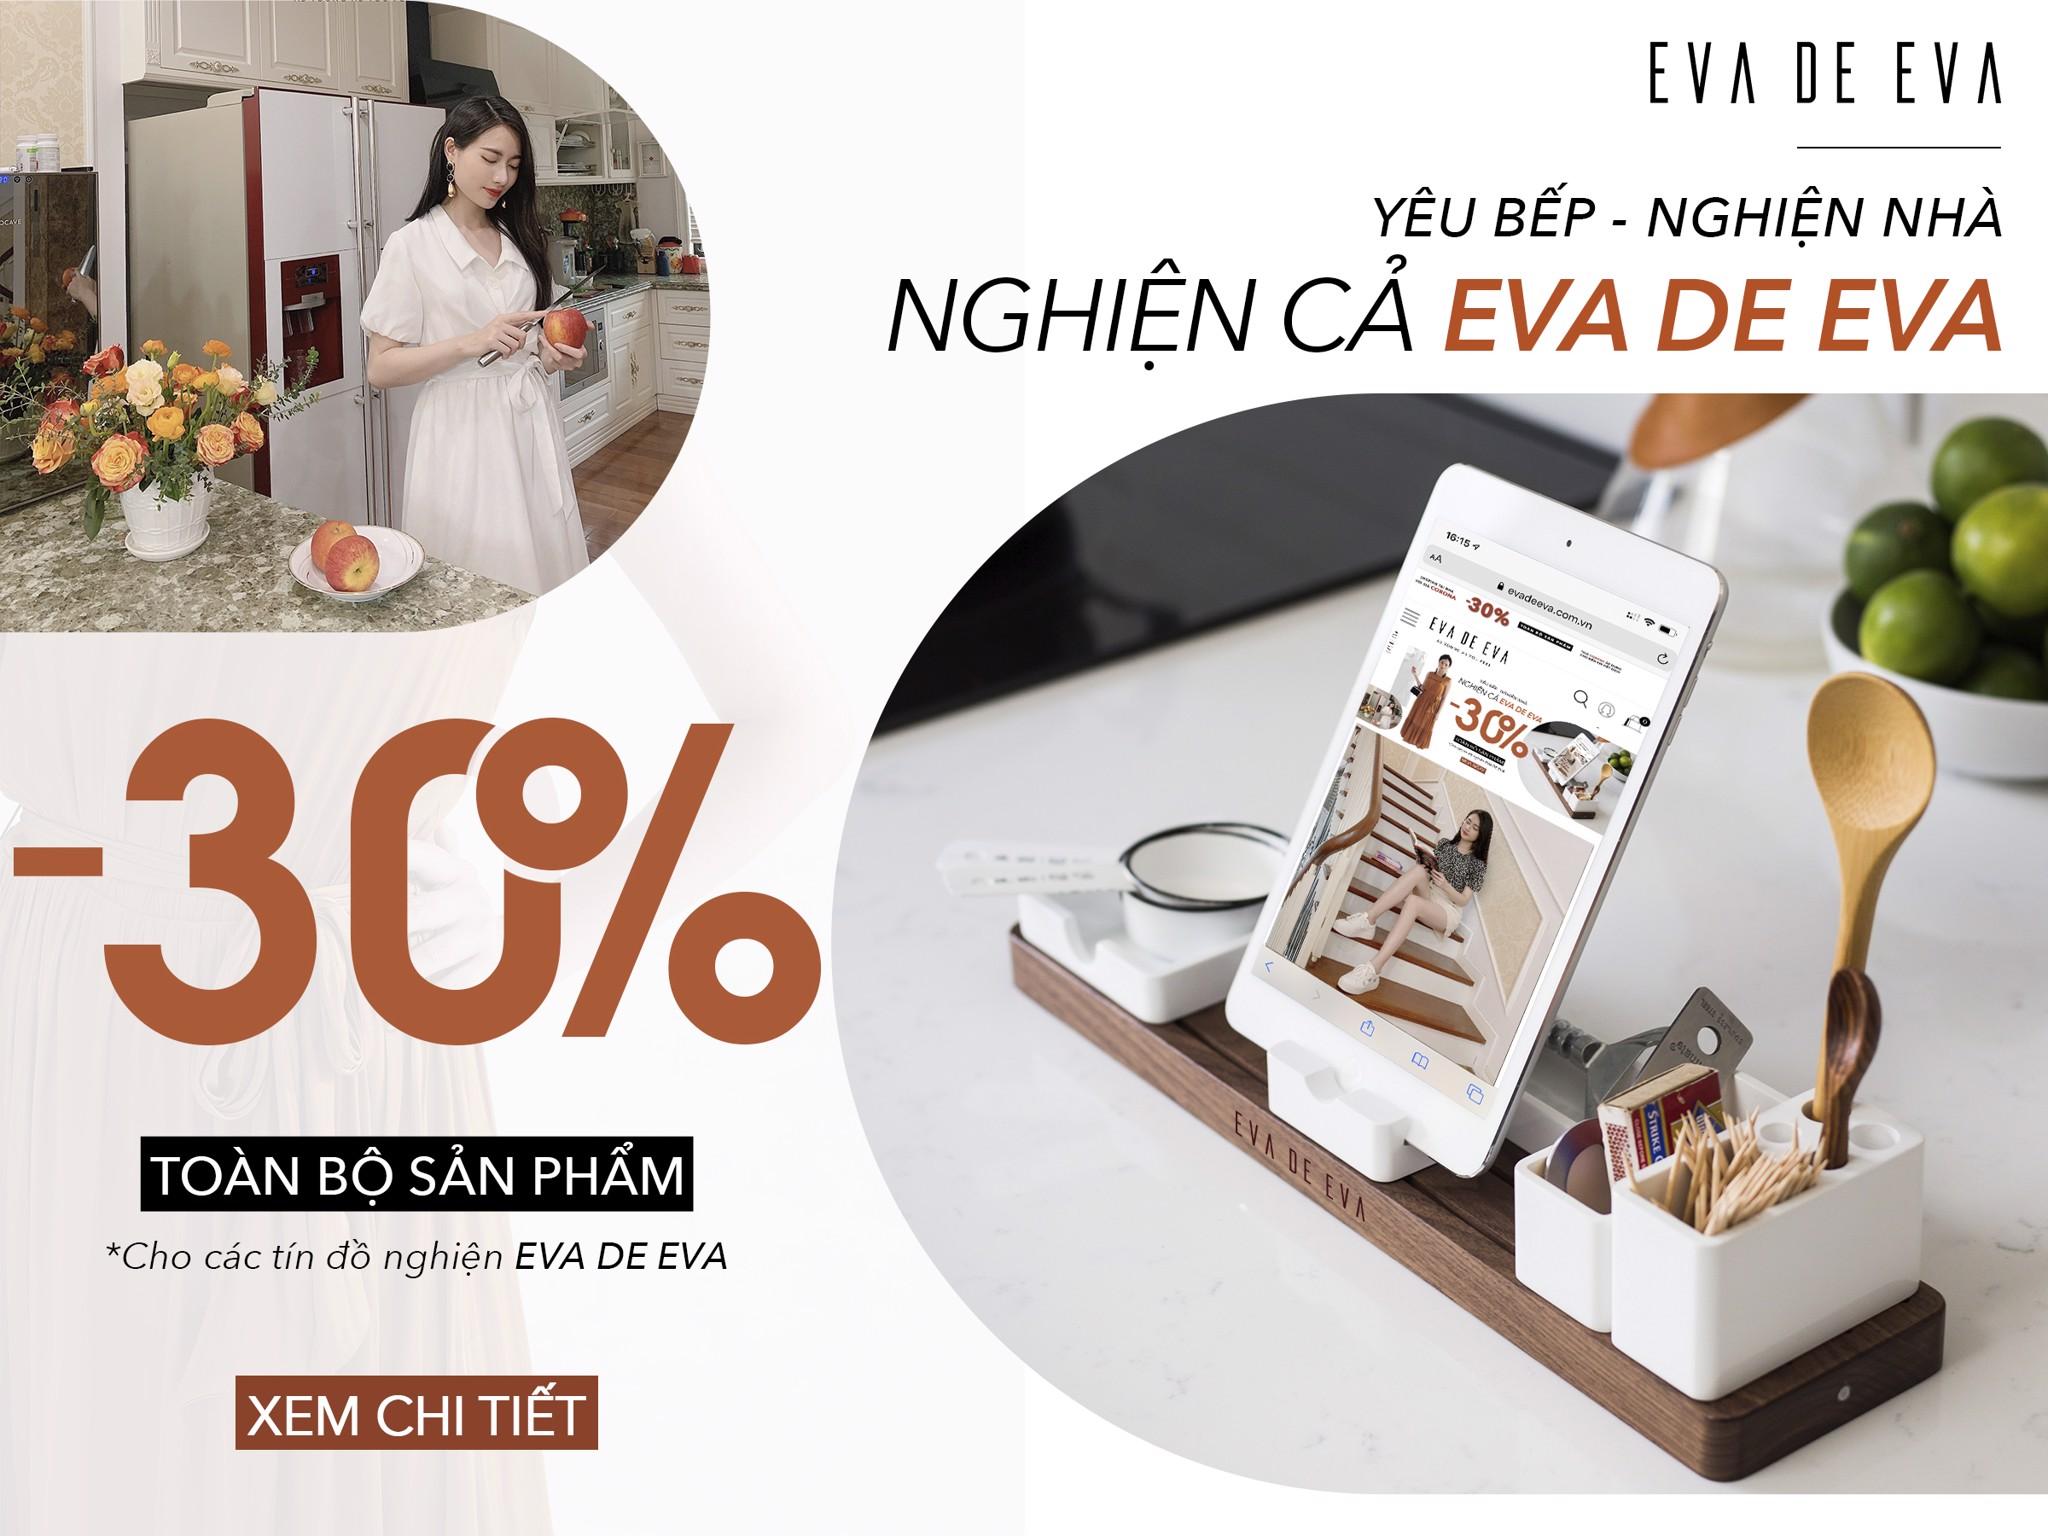 Yêu Bếp, Nghiện Nhà, Nghiện cả Eva